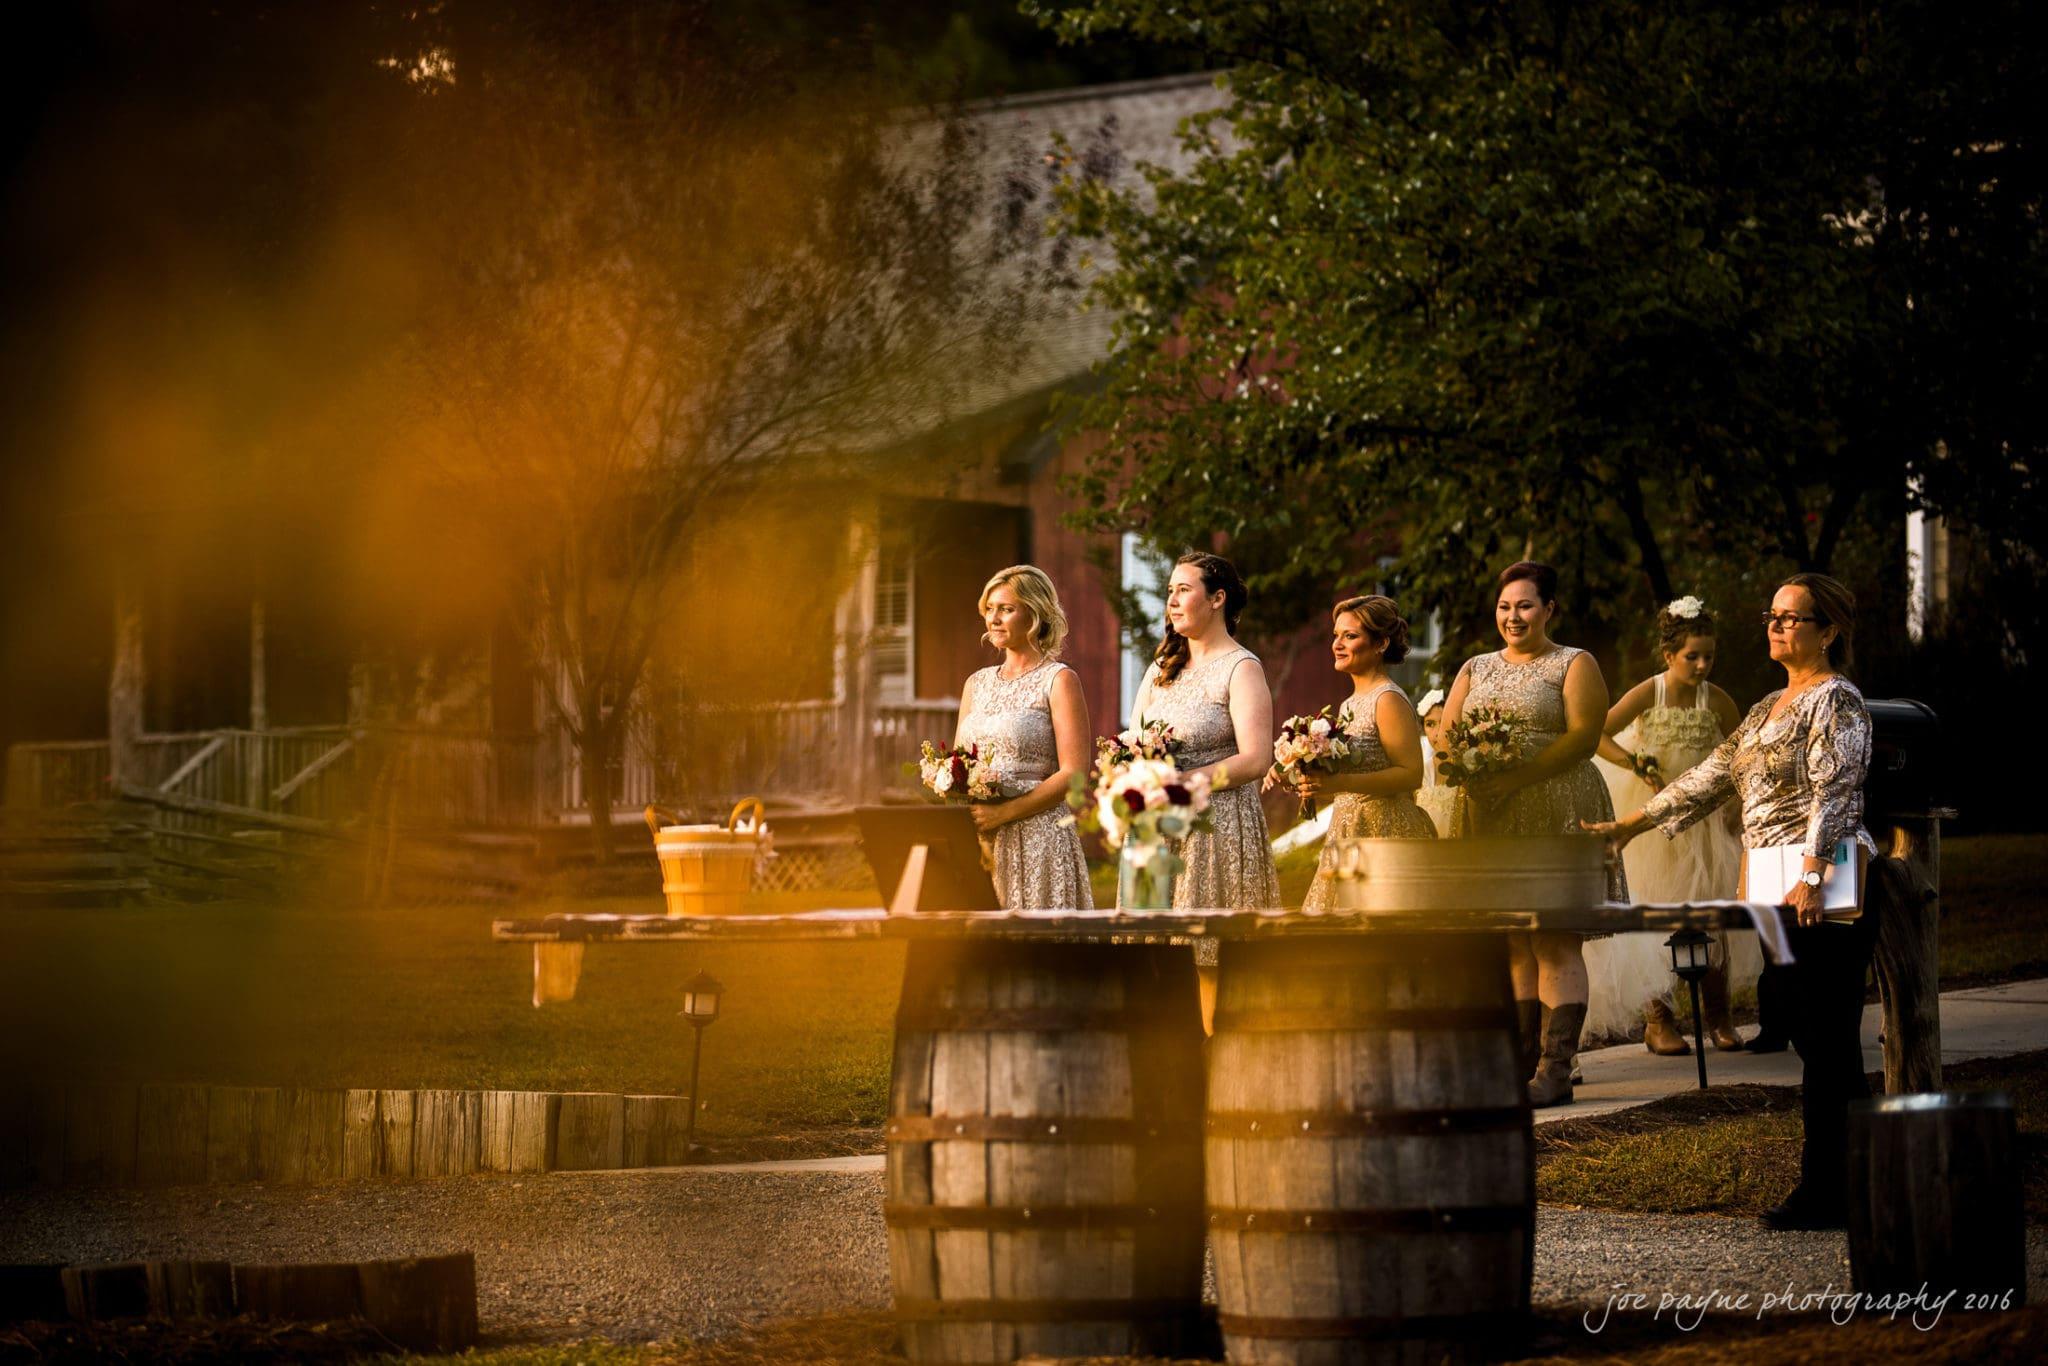 shady-wagon-farm-wedding-photography-danielle-josh-5